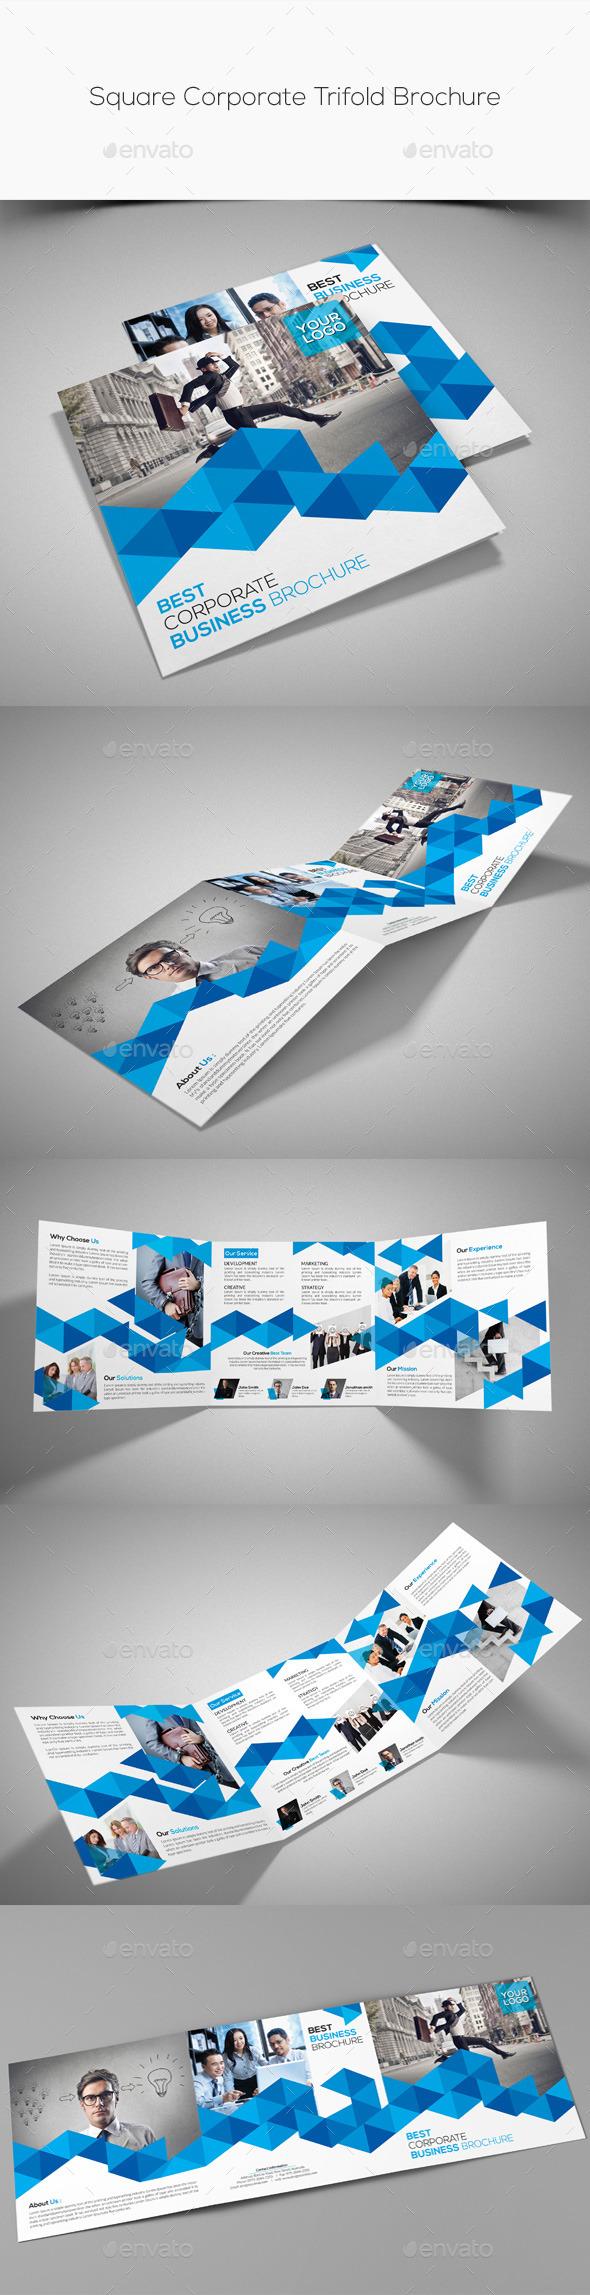 GraphicRiver Square Corporate Trifold Brochure 10581440